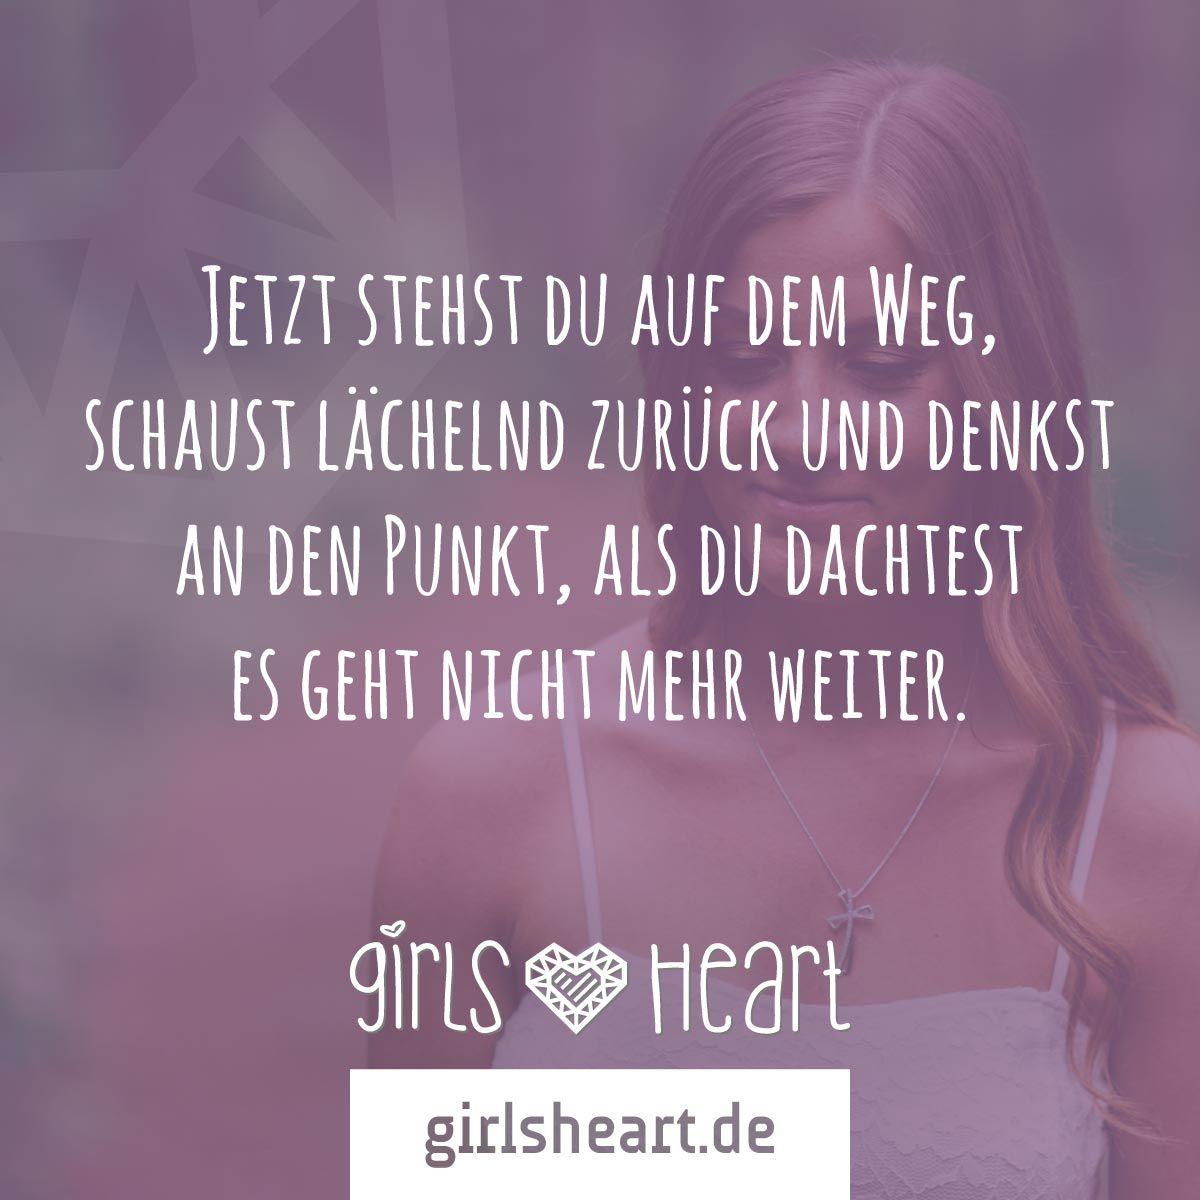 geht euren eigenen weg! mehr sprüche auf: www.girlsheart.de